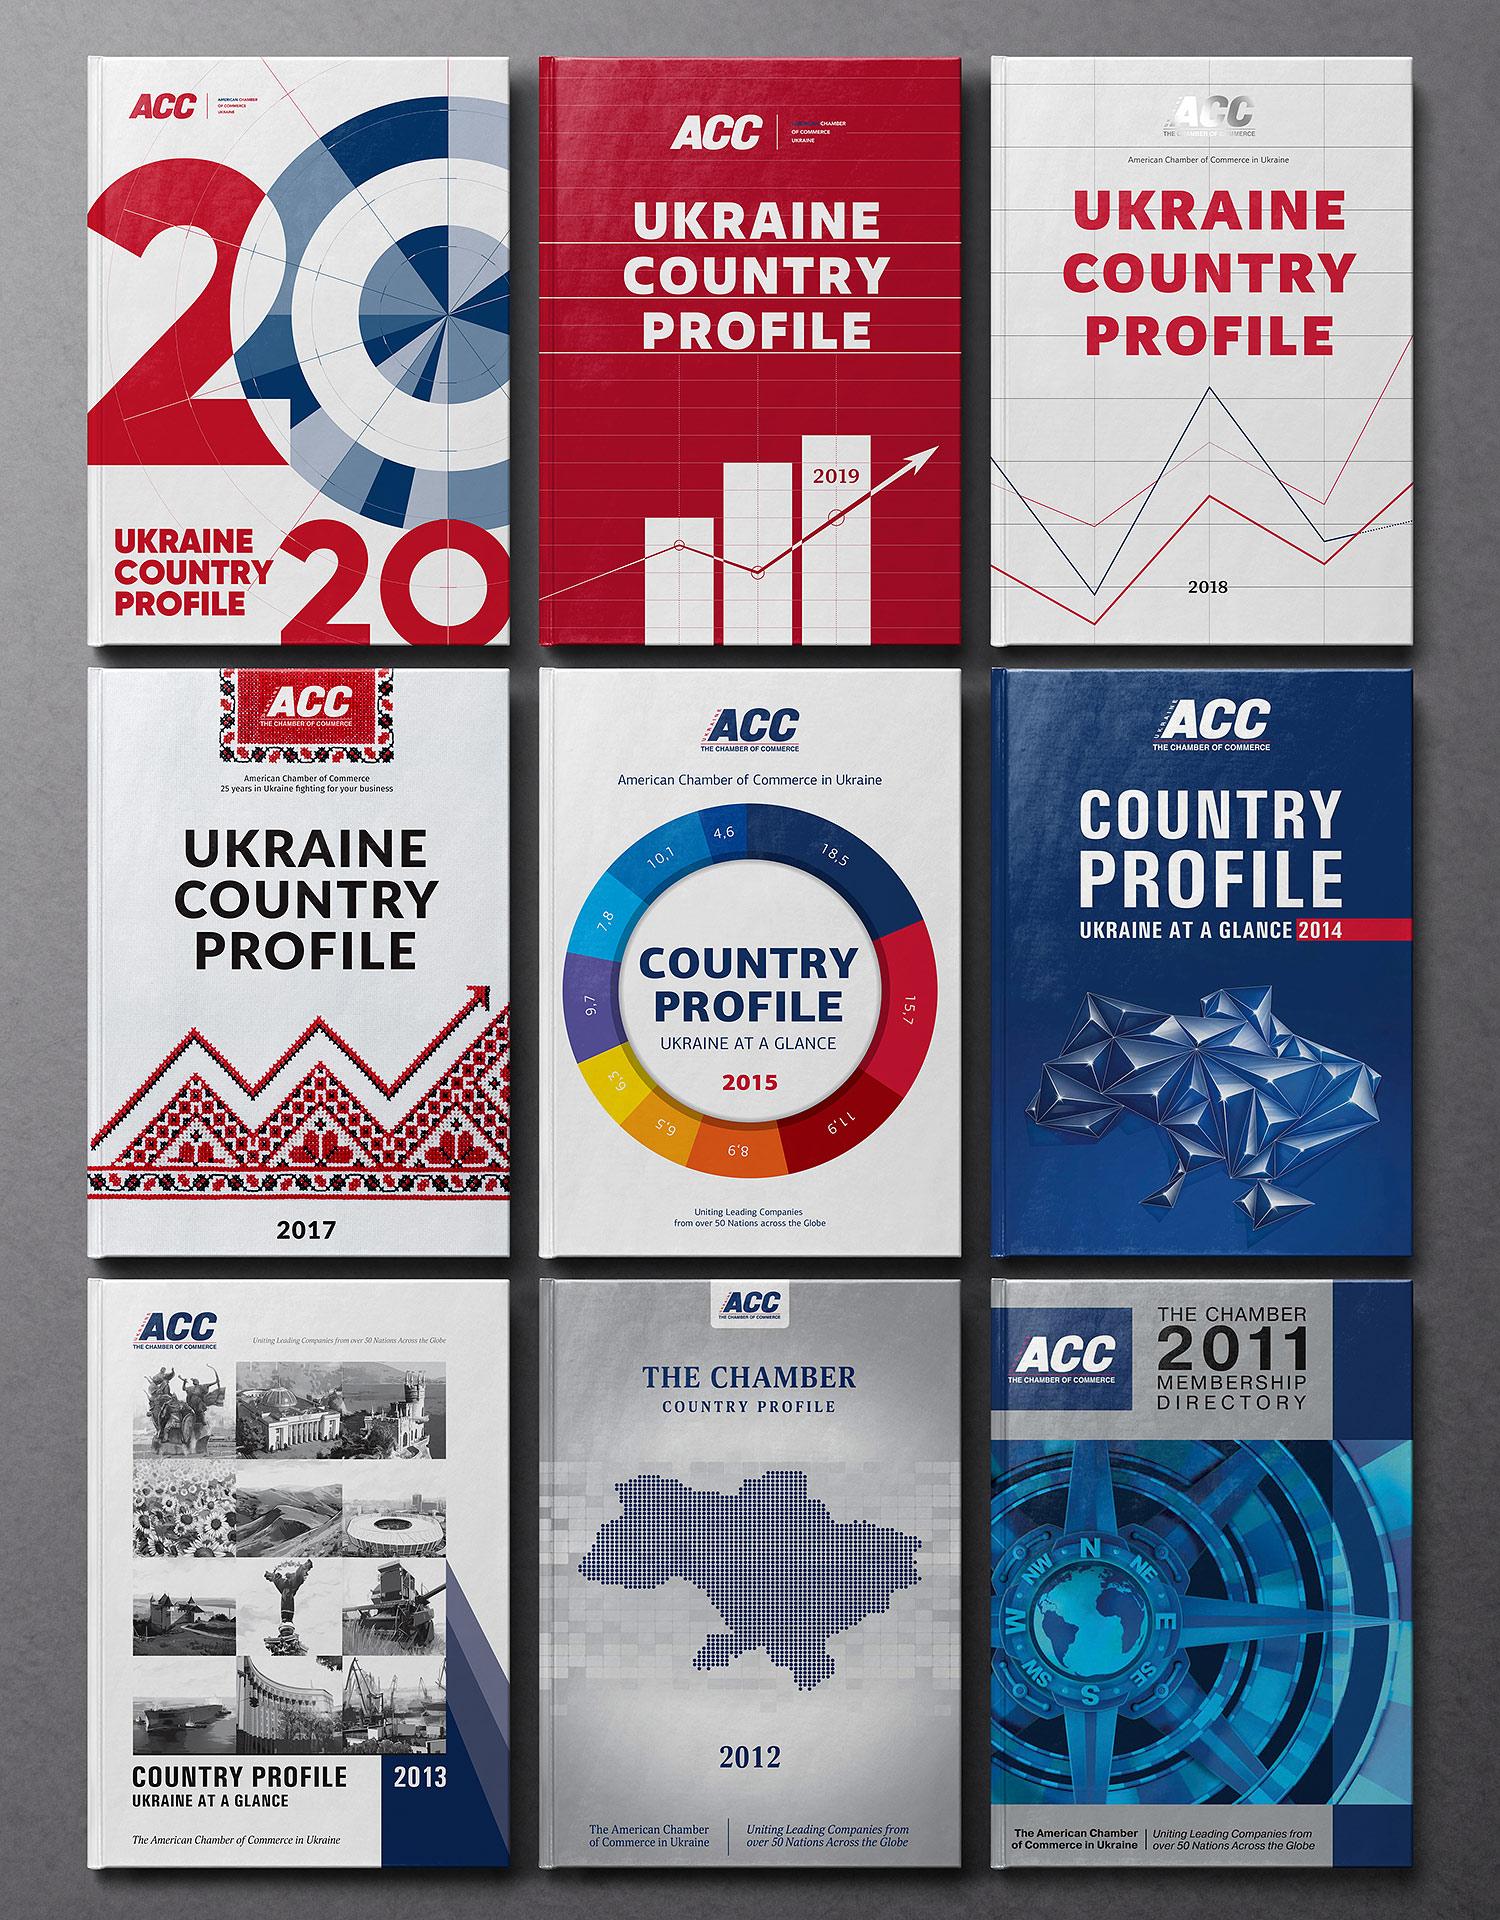 Коллекция книг «Обзор экономики Украины» (Ukraine Country Profile) с 2011 по 2020 годы. Сборник дизайнов обложек книг. Американская торговая палата (ACC).